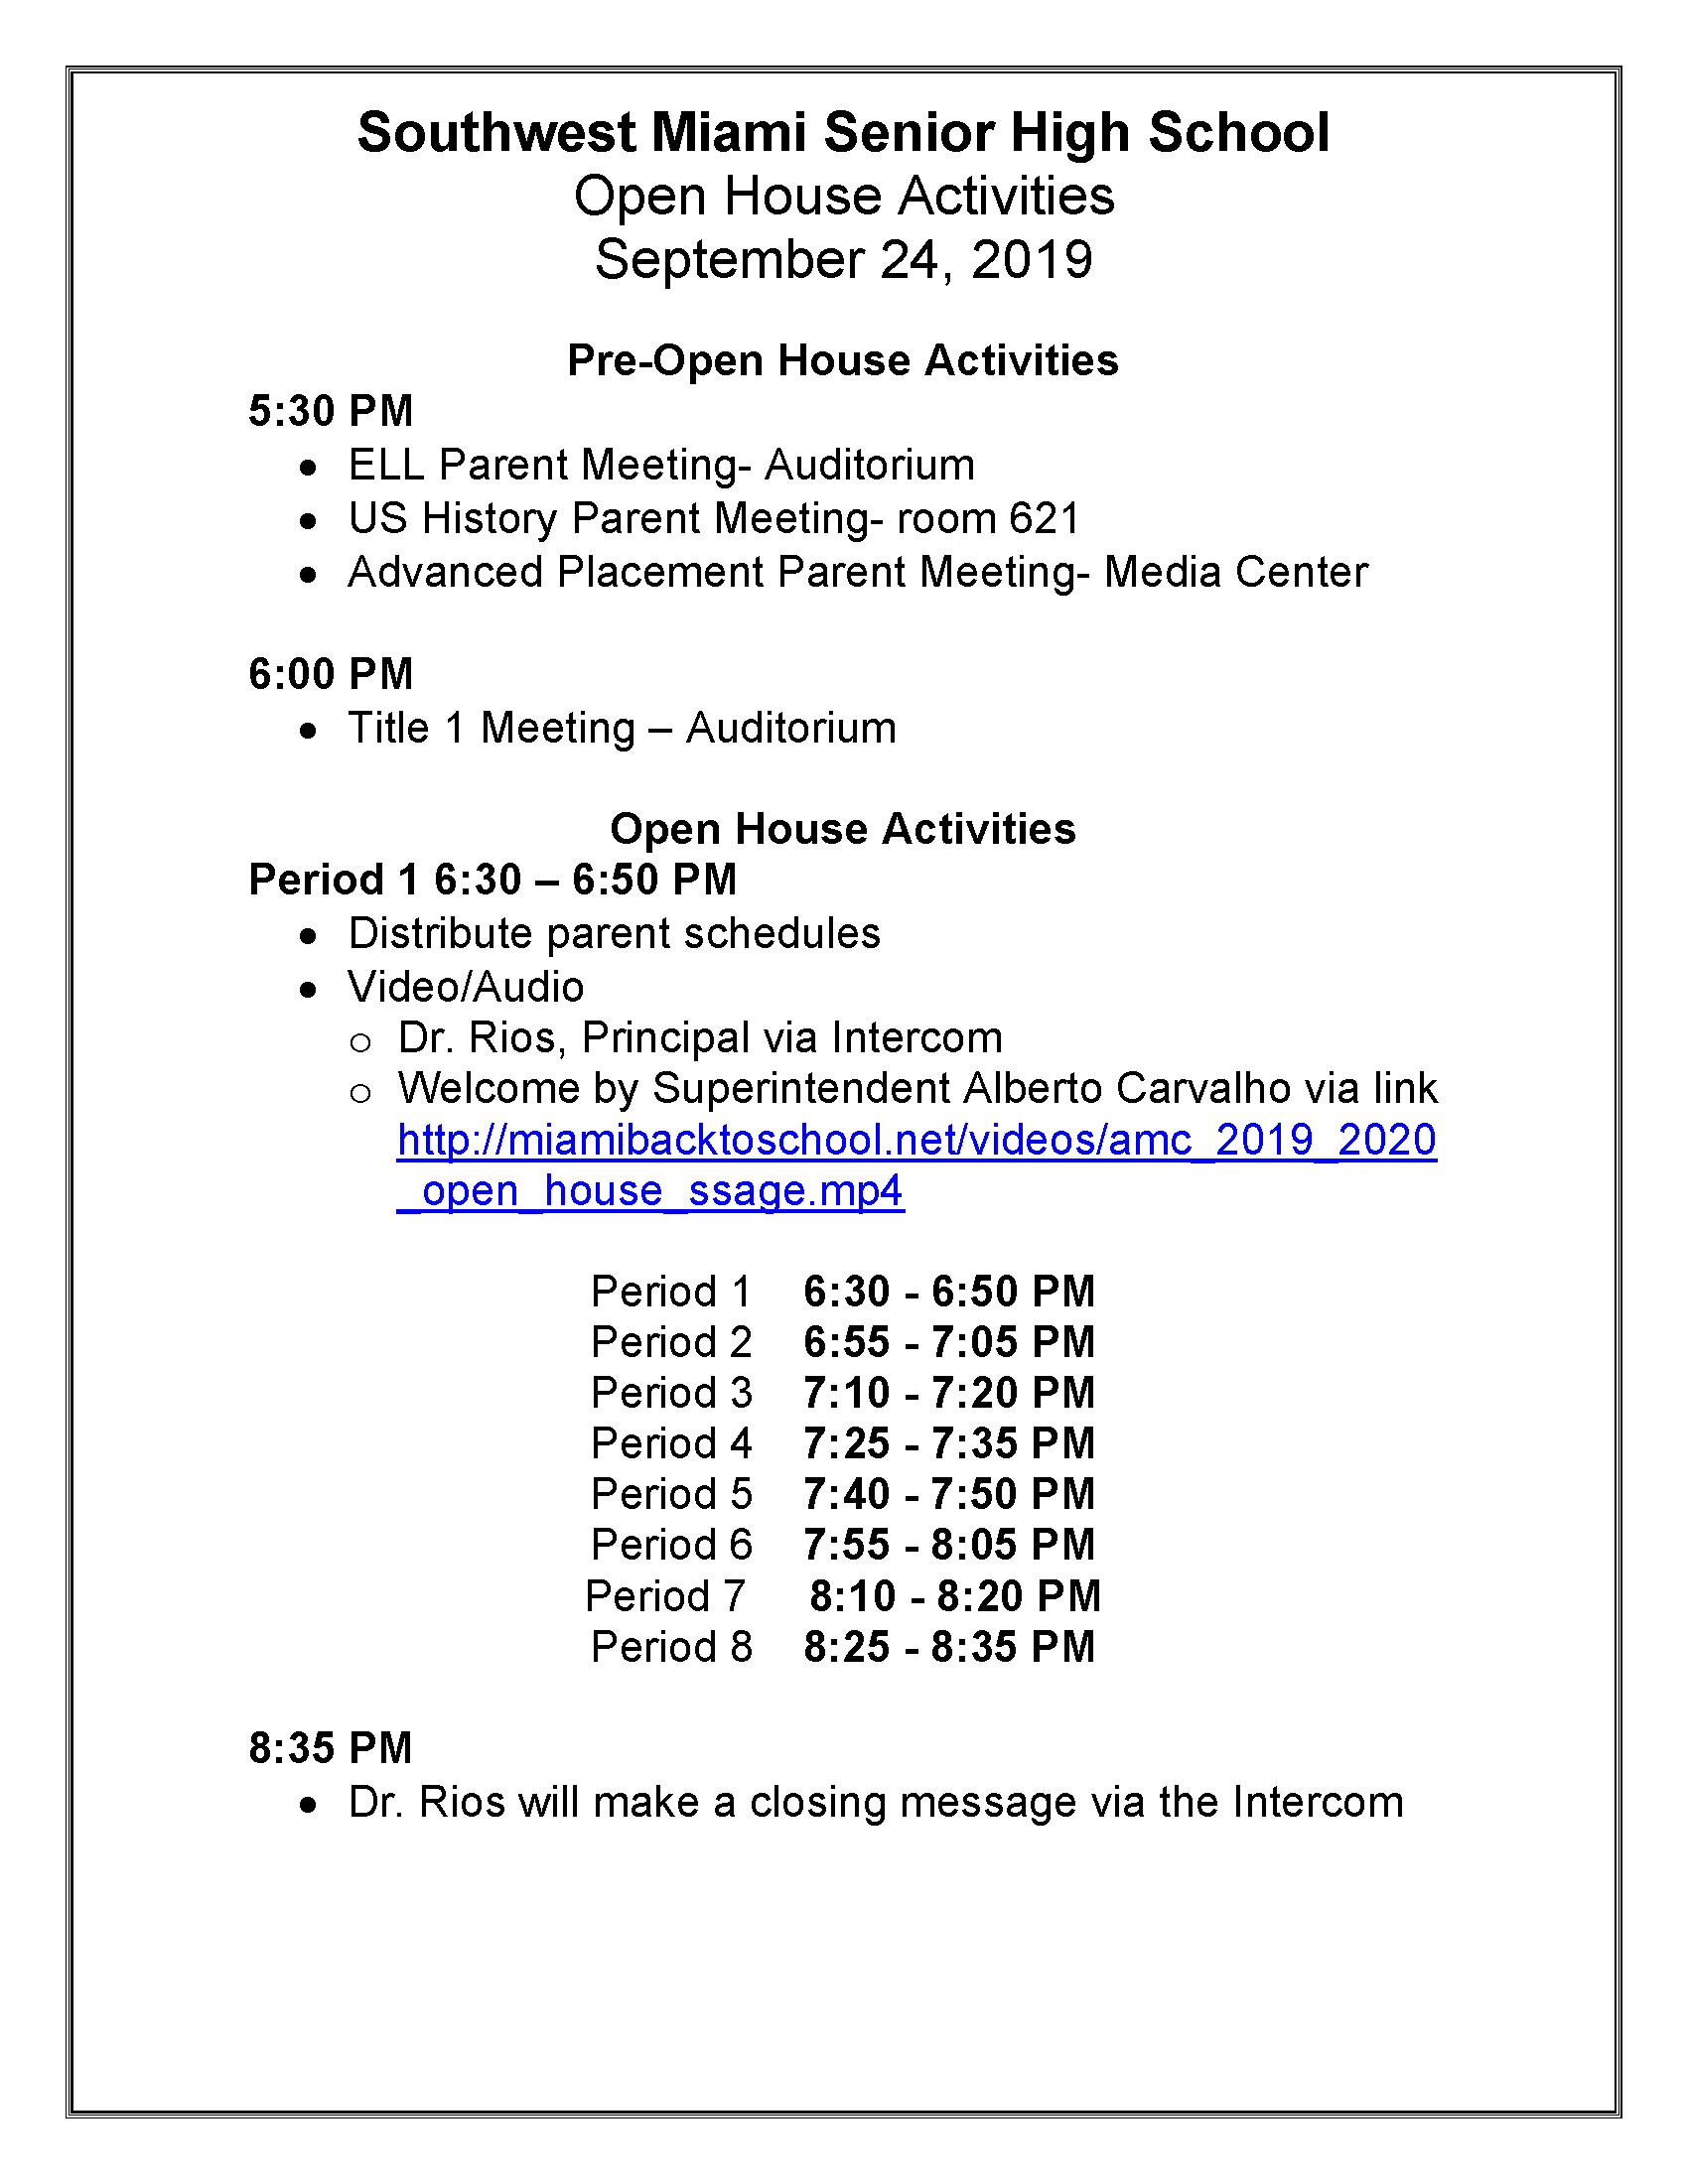 Pre-Open House Activities